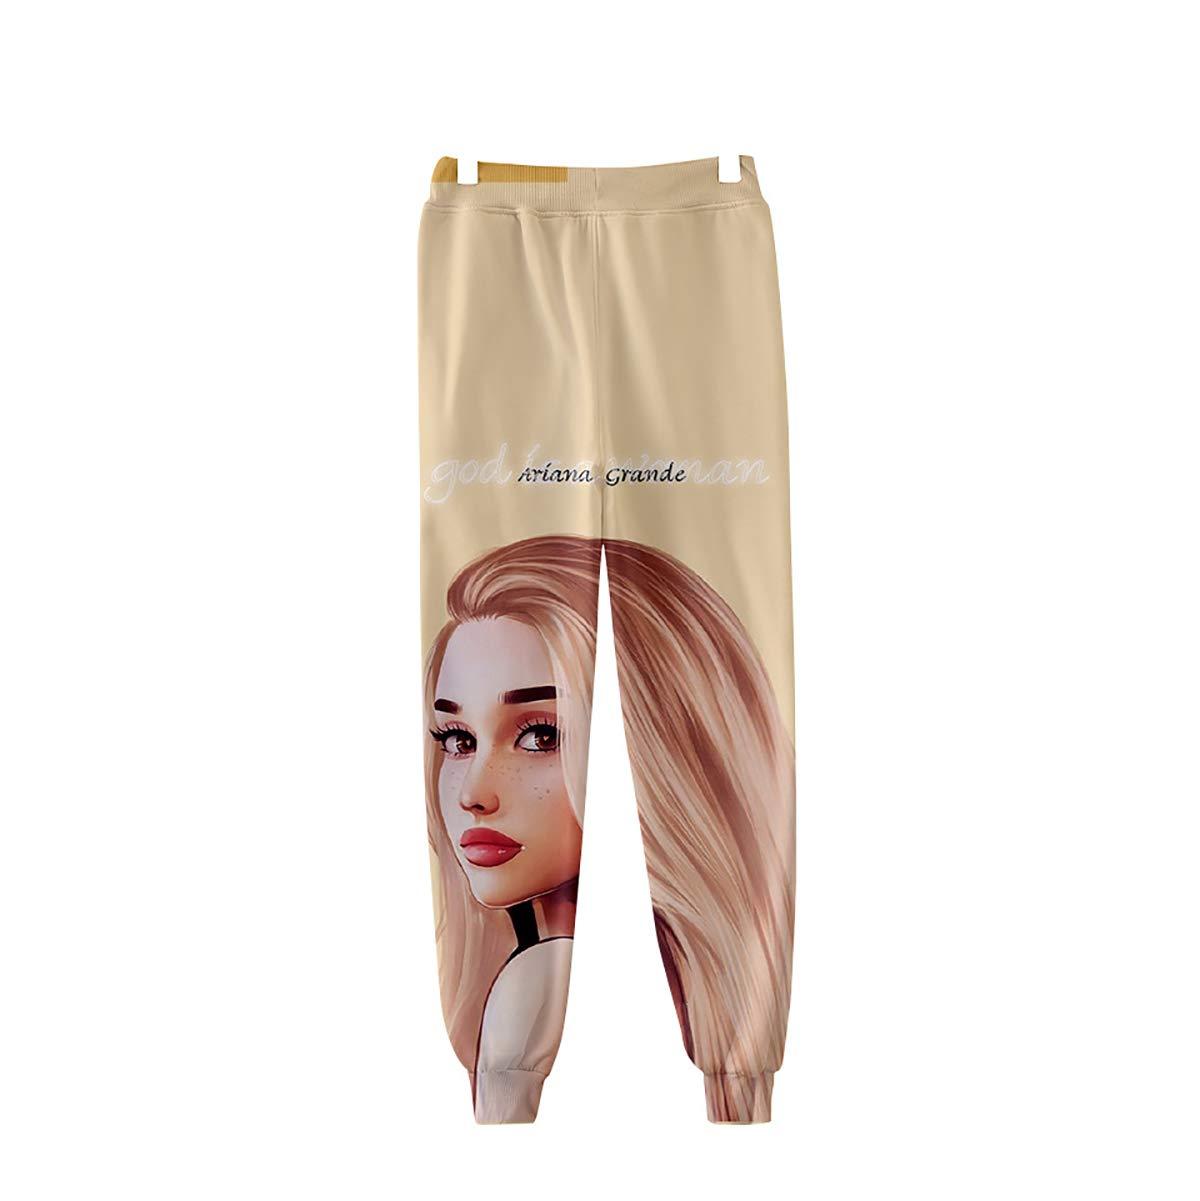 XXS-XXXXL ,A,2XL W/&TT Unisex 3D HD Impreso Ariana/_Grande Pantalones de ch/ándal el/ástico Cintura cord/ón Pantalones pantal/ón para Hombre y Mujer